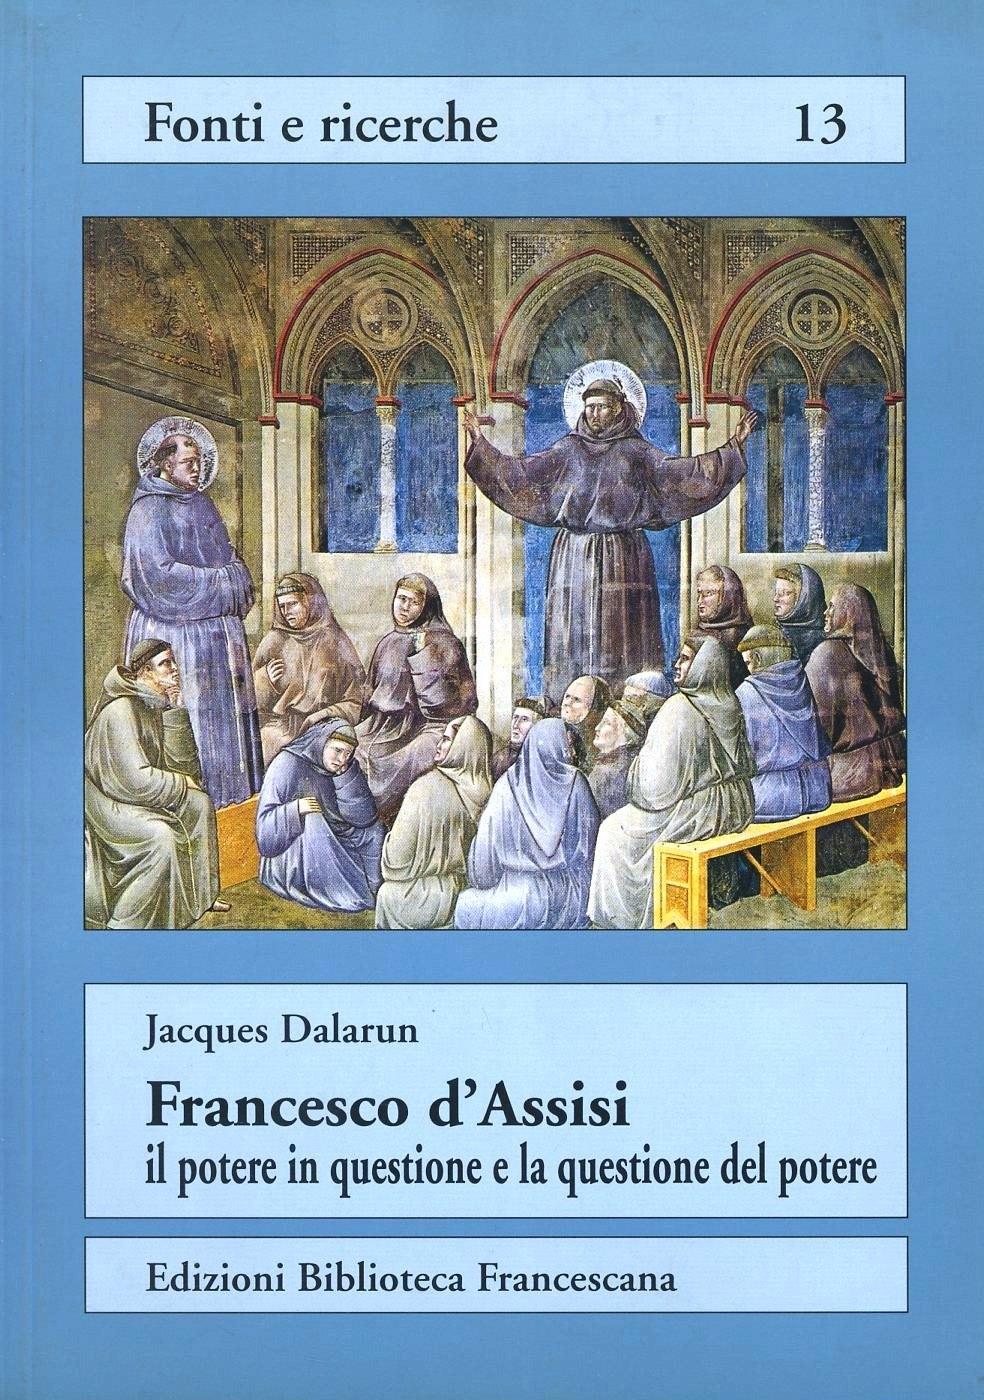 Francesco d'Assisi: il potere in questione e la questione del potere